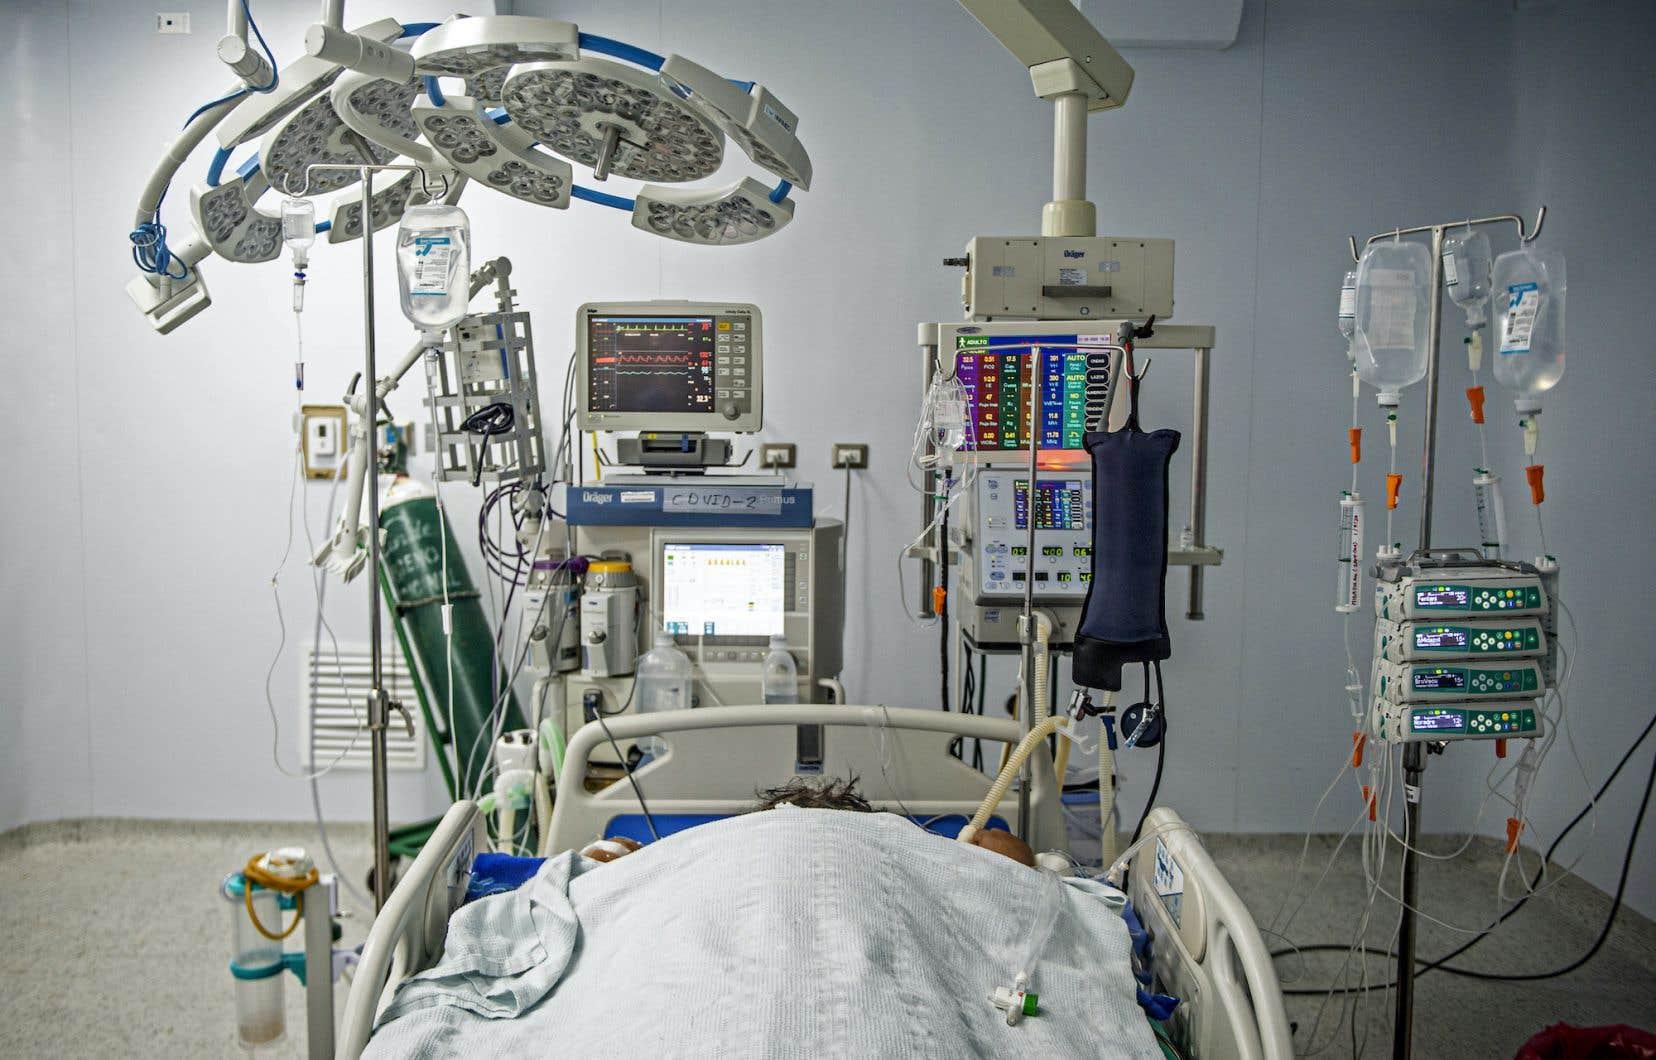 Un patient atteint de COVID-19 aux soins intensifs de l'hôpital Alberto Sabogal Sologuren de Lima, au Pérou.